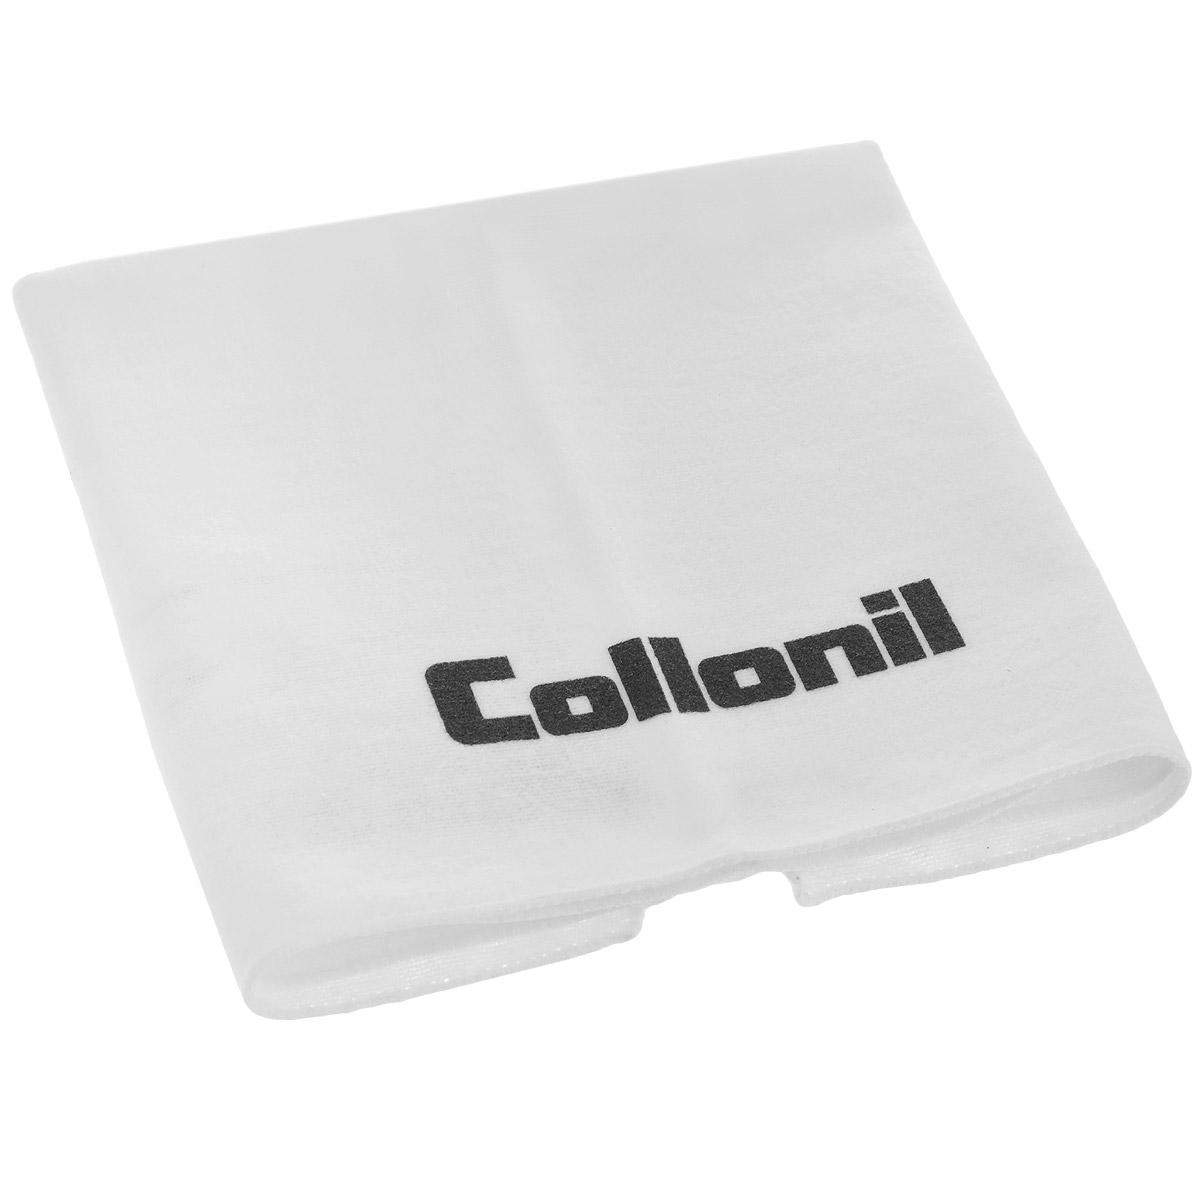 Салфетка для полировки обуви Collonil, цвет: белый, 34,5 х 34,5 смDV-201Салфетка Collonil изготовлена из акрила и полиамида. Изделие предназначено для чистки и полировки обуви. Для этого необходимо после нанесения средств защиты и ухода, соответствующих типу кожи, отполировать изделие салфеткой до блеска несколькими интенсивными движениями. С салфеткой Collonil ваша обувь всегда будет чистой и ухоженной. Размер салфетки: 34,5 см х 34,5 см.